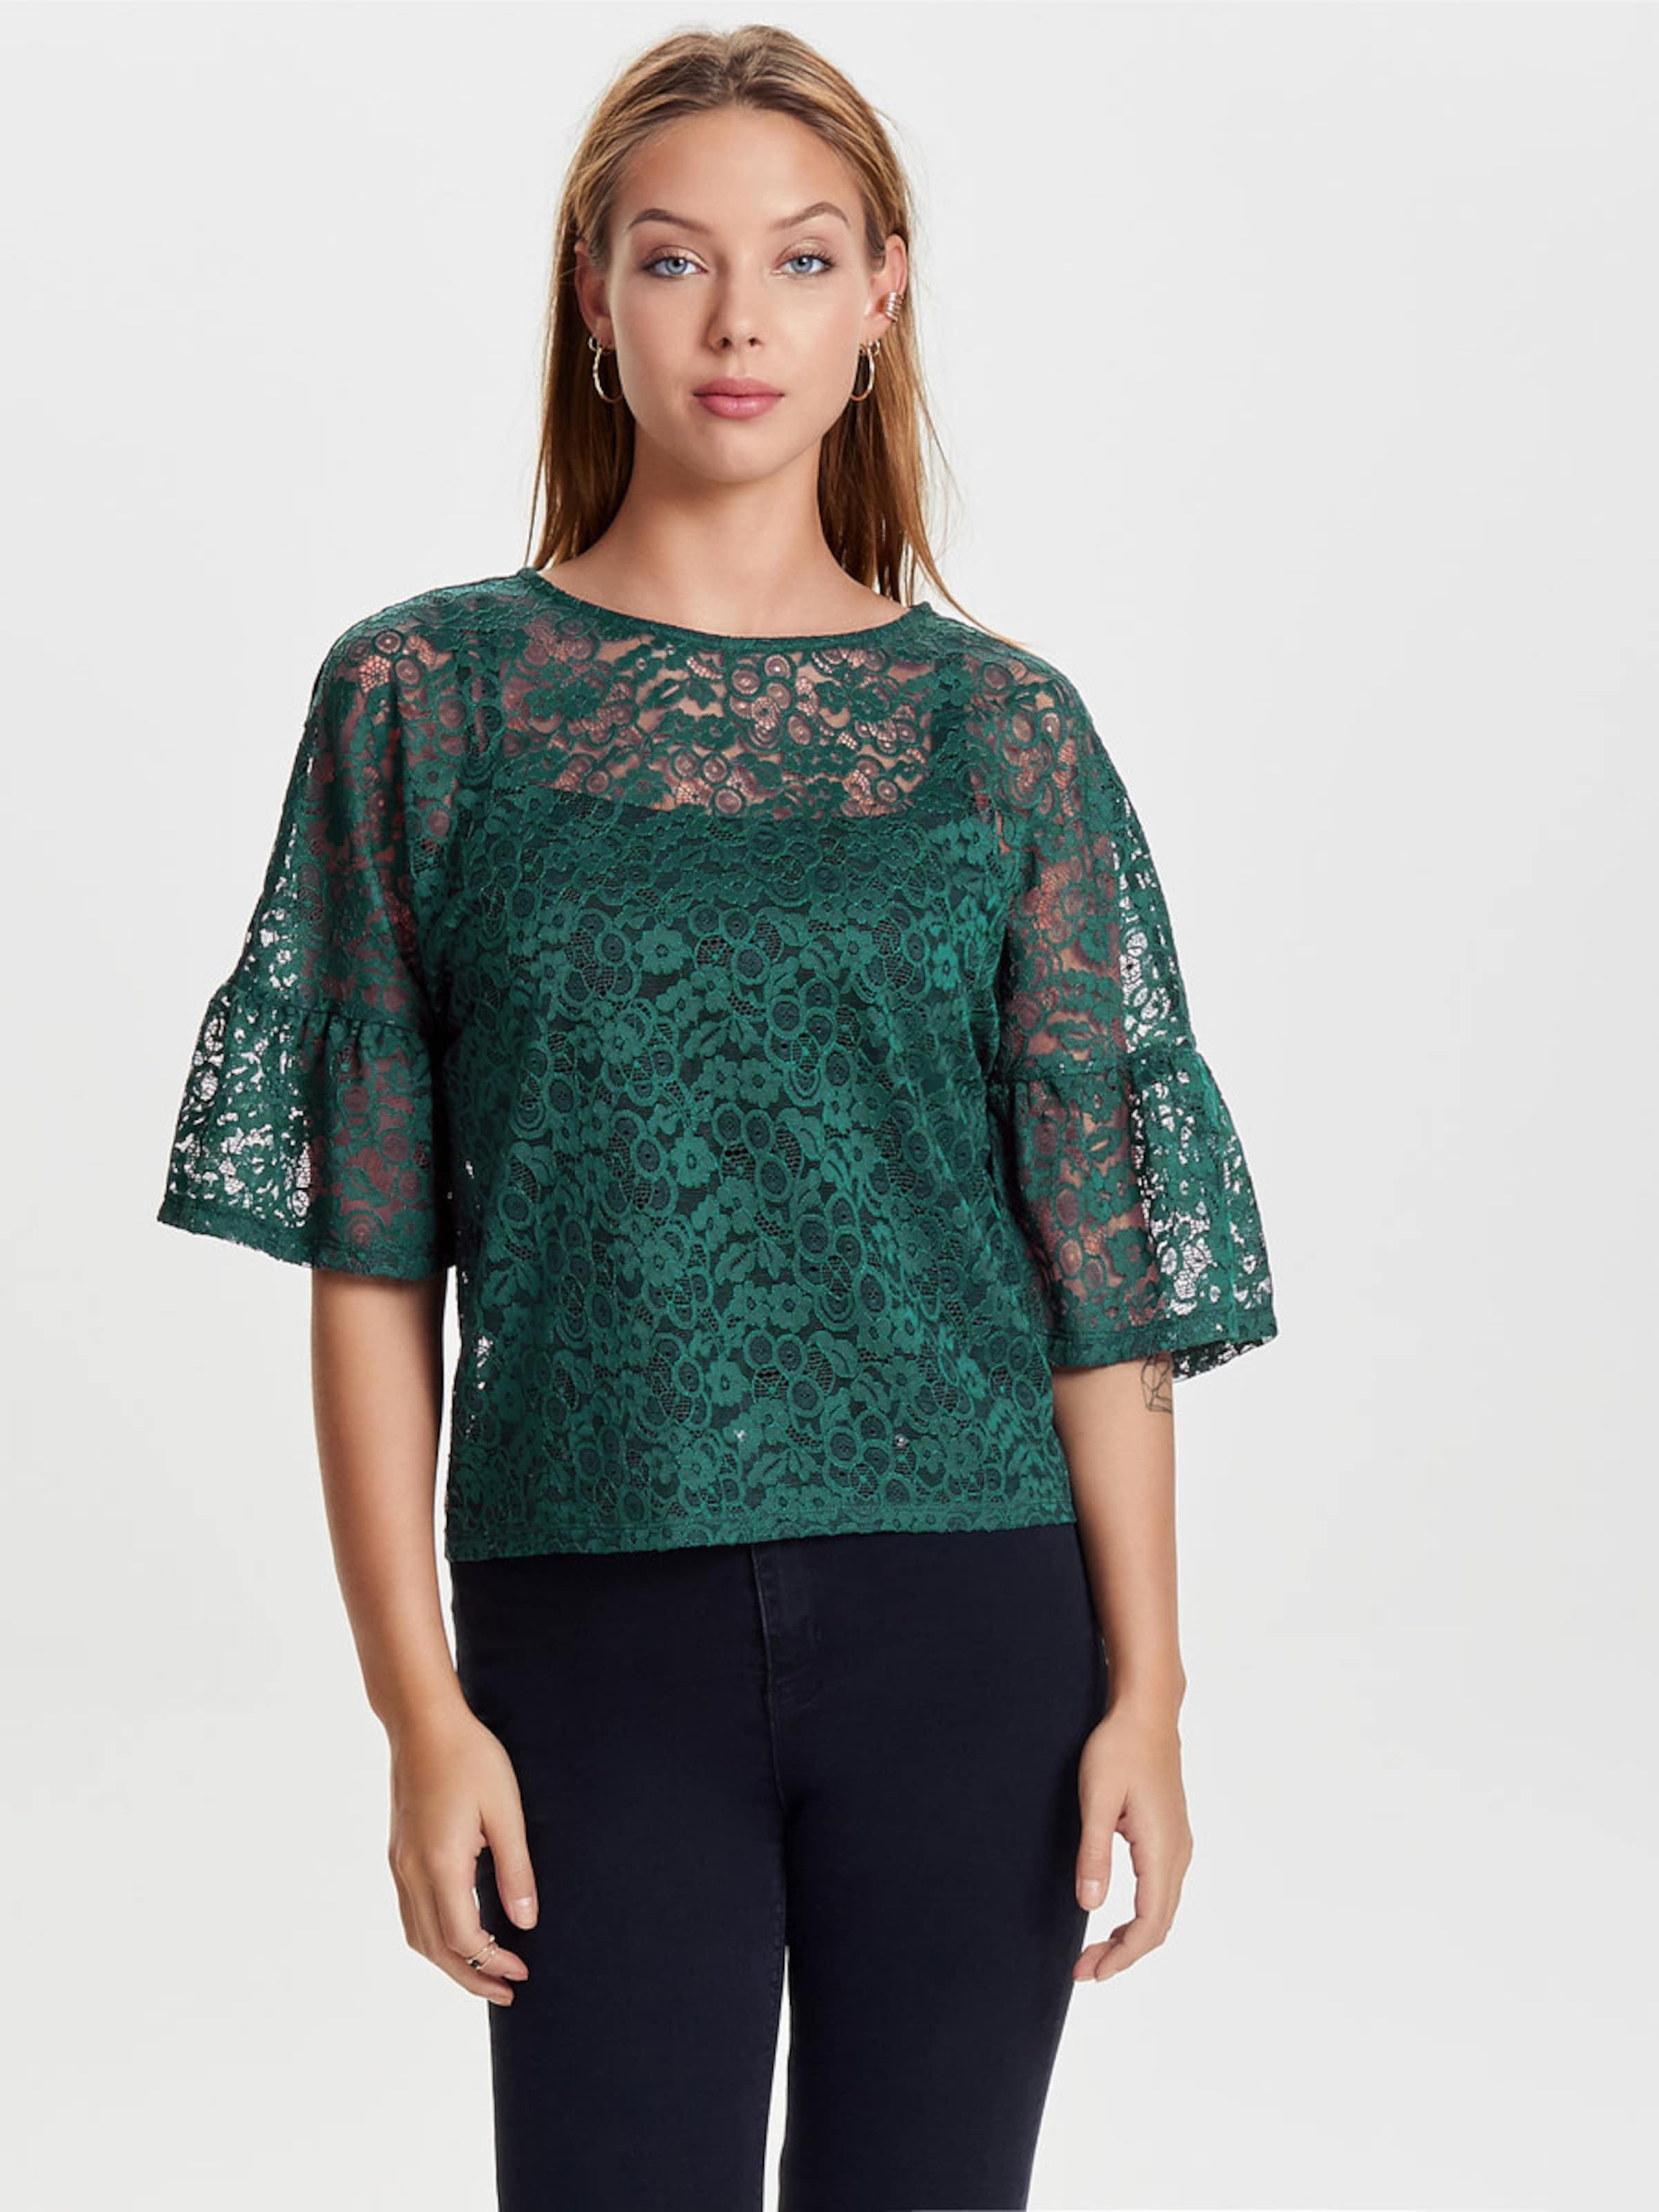 ONLY Spitzen Bluse mit 2/4 Ärmeln Kaufen Billig Zu Kaufen Günstig Kaufen Ausgezeichnet Schnelle Lieferung F3Sh1Fu